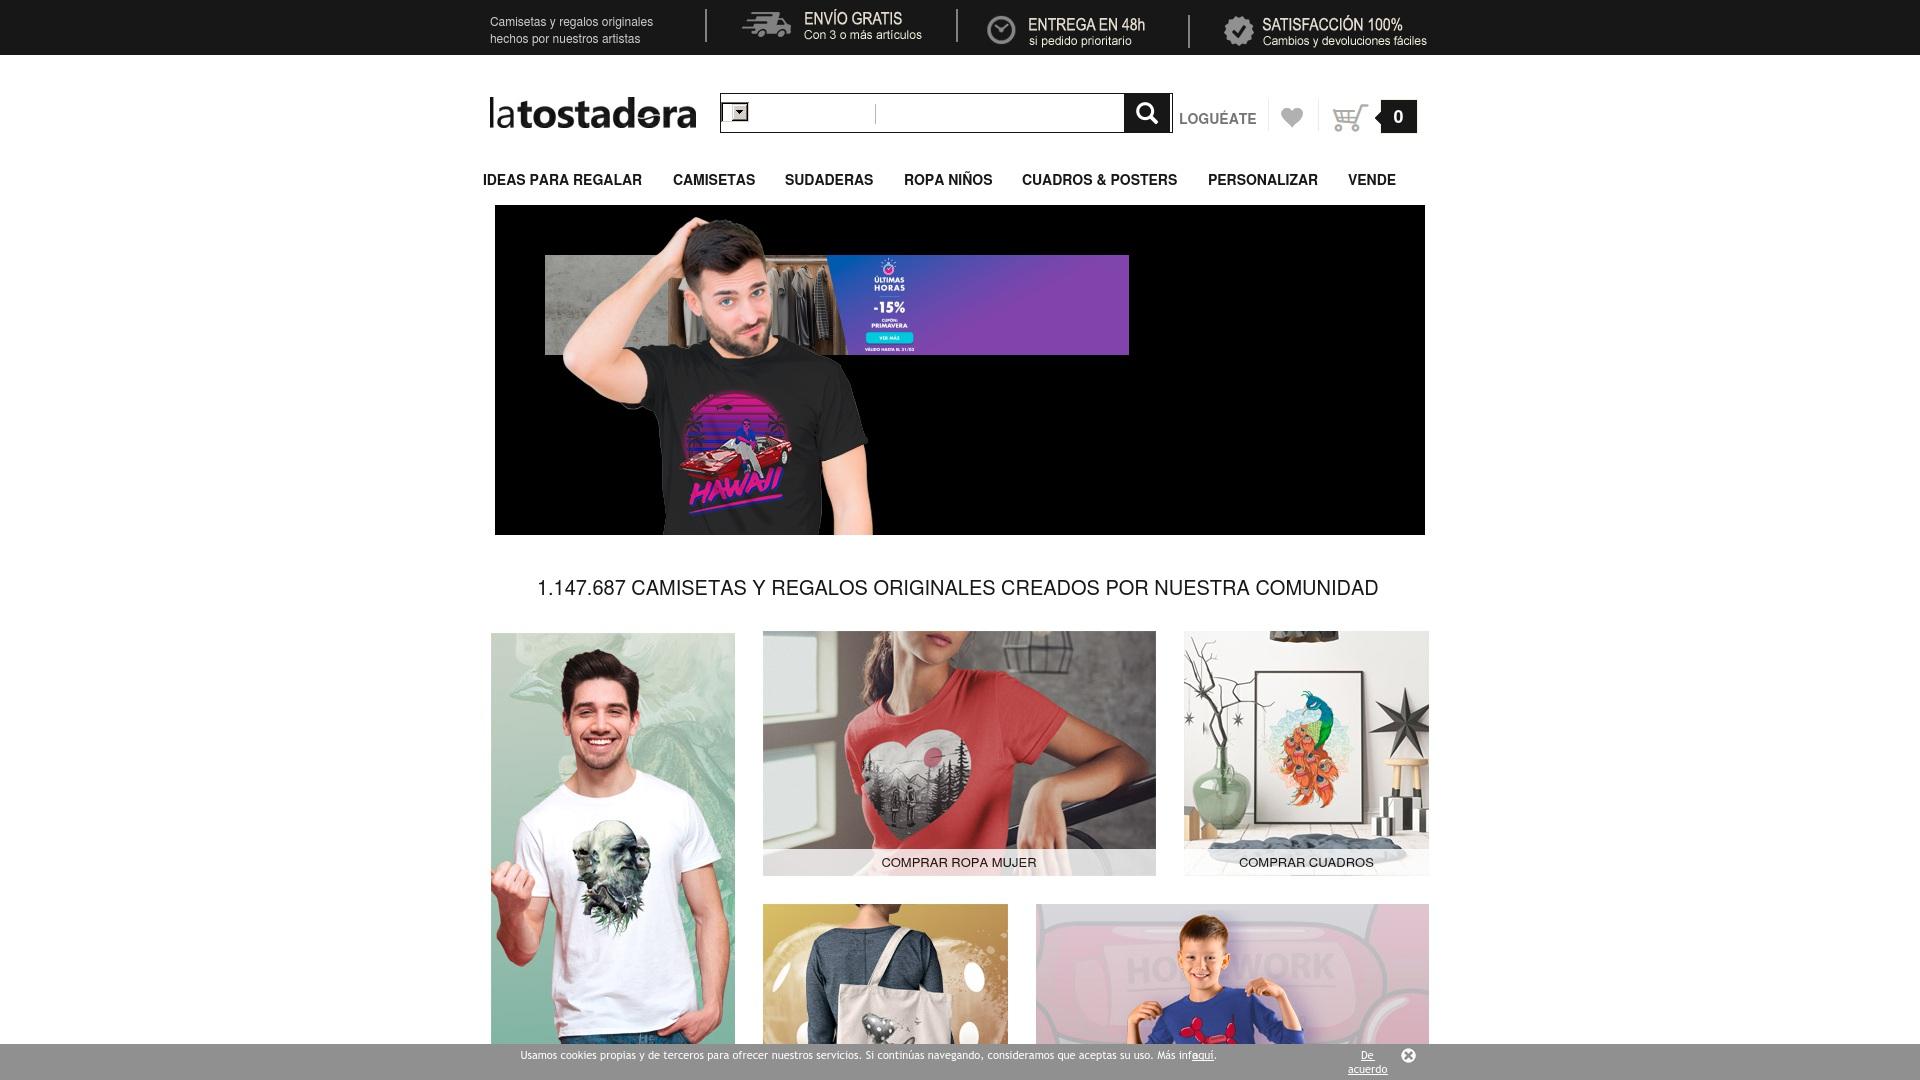 Gutschein für Latostadora: Rabatte für  Latostadora sichern